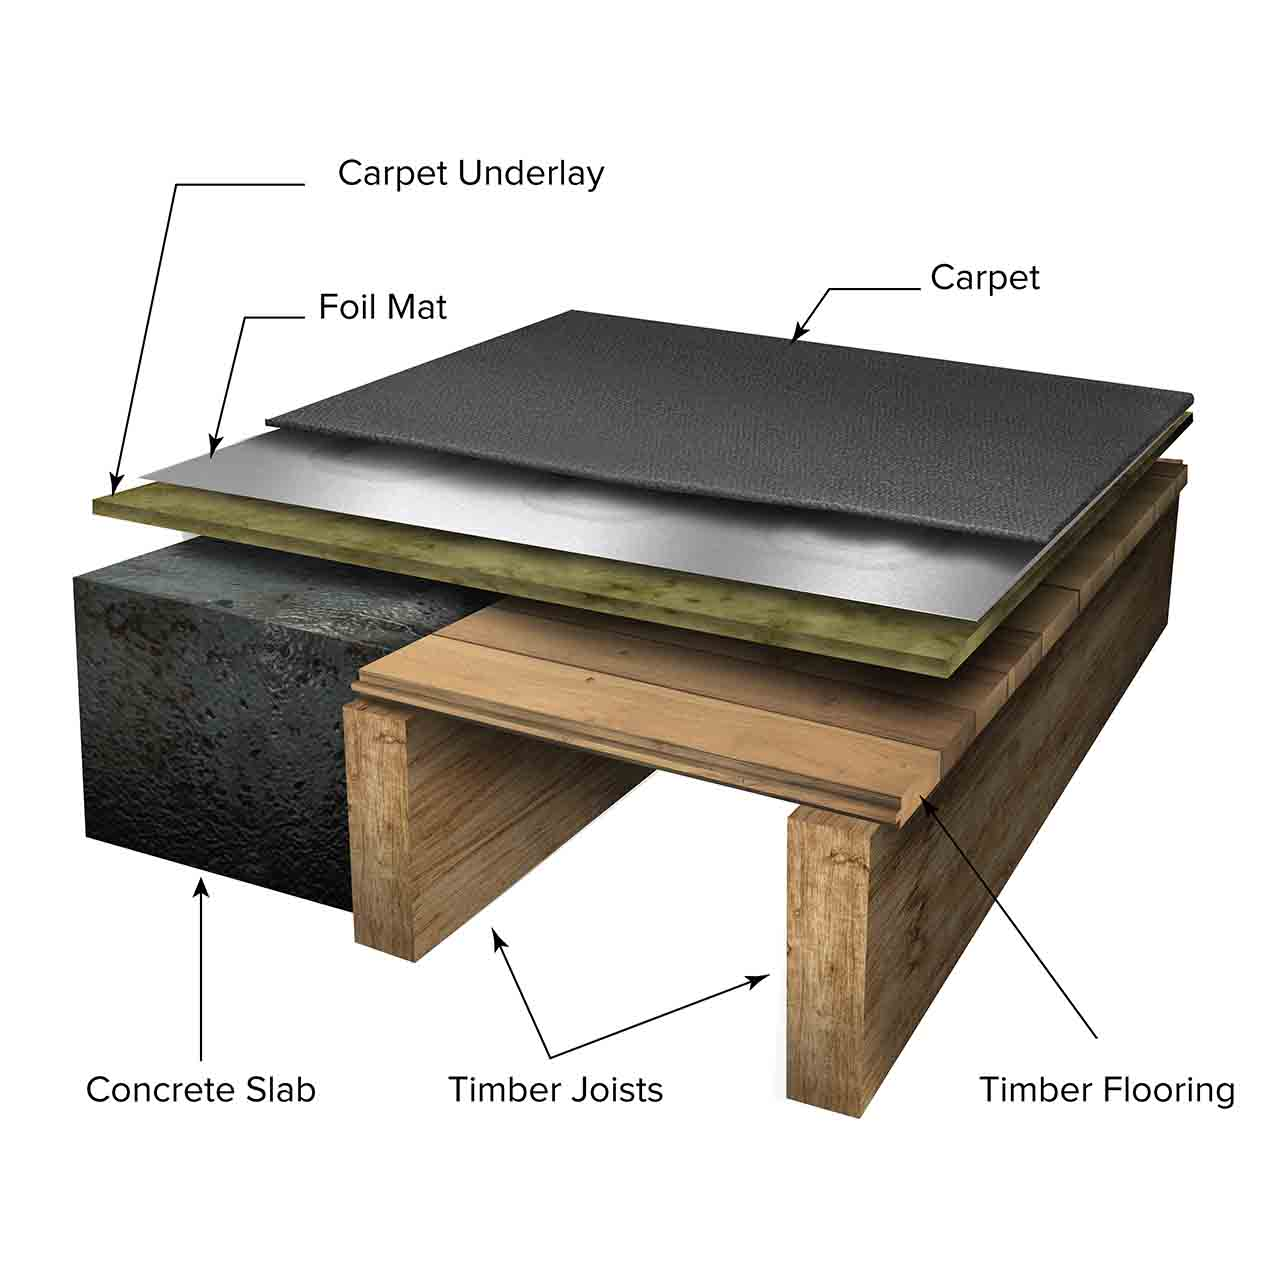 Under Carpet heating diagram